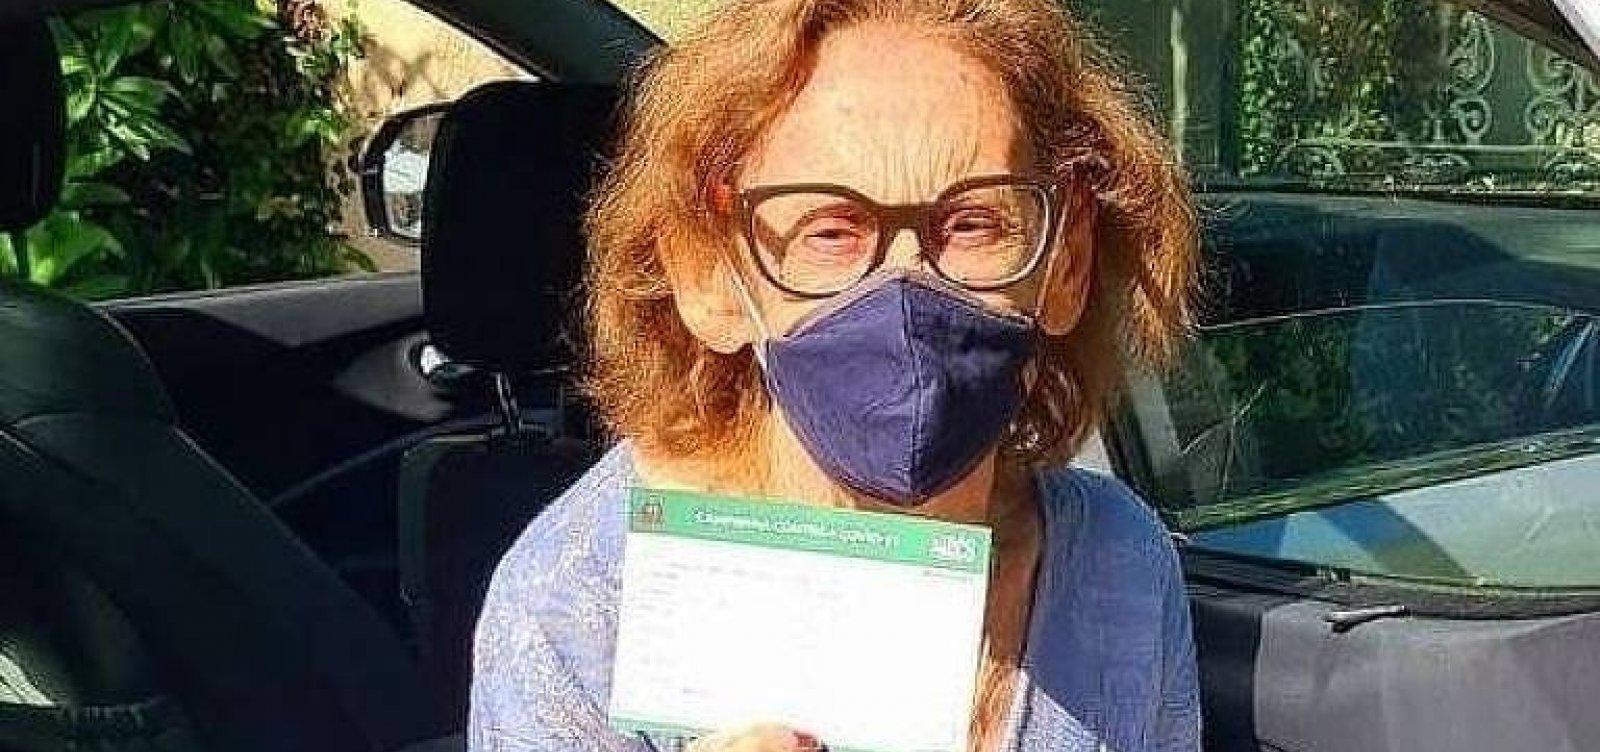 Atriz Laura Cardoso é vacinada e apela: 'Sigam as instruções médicas'